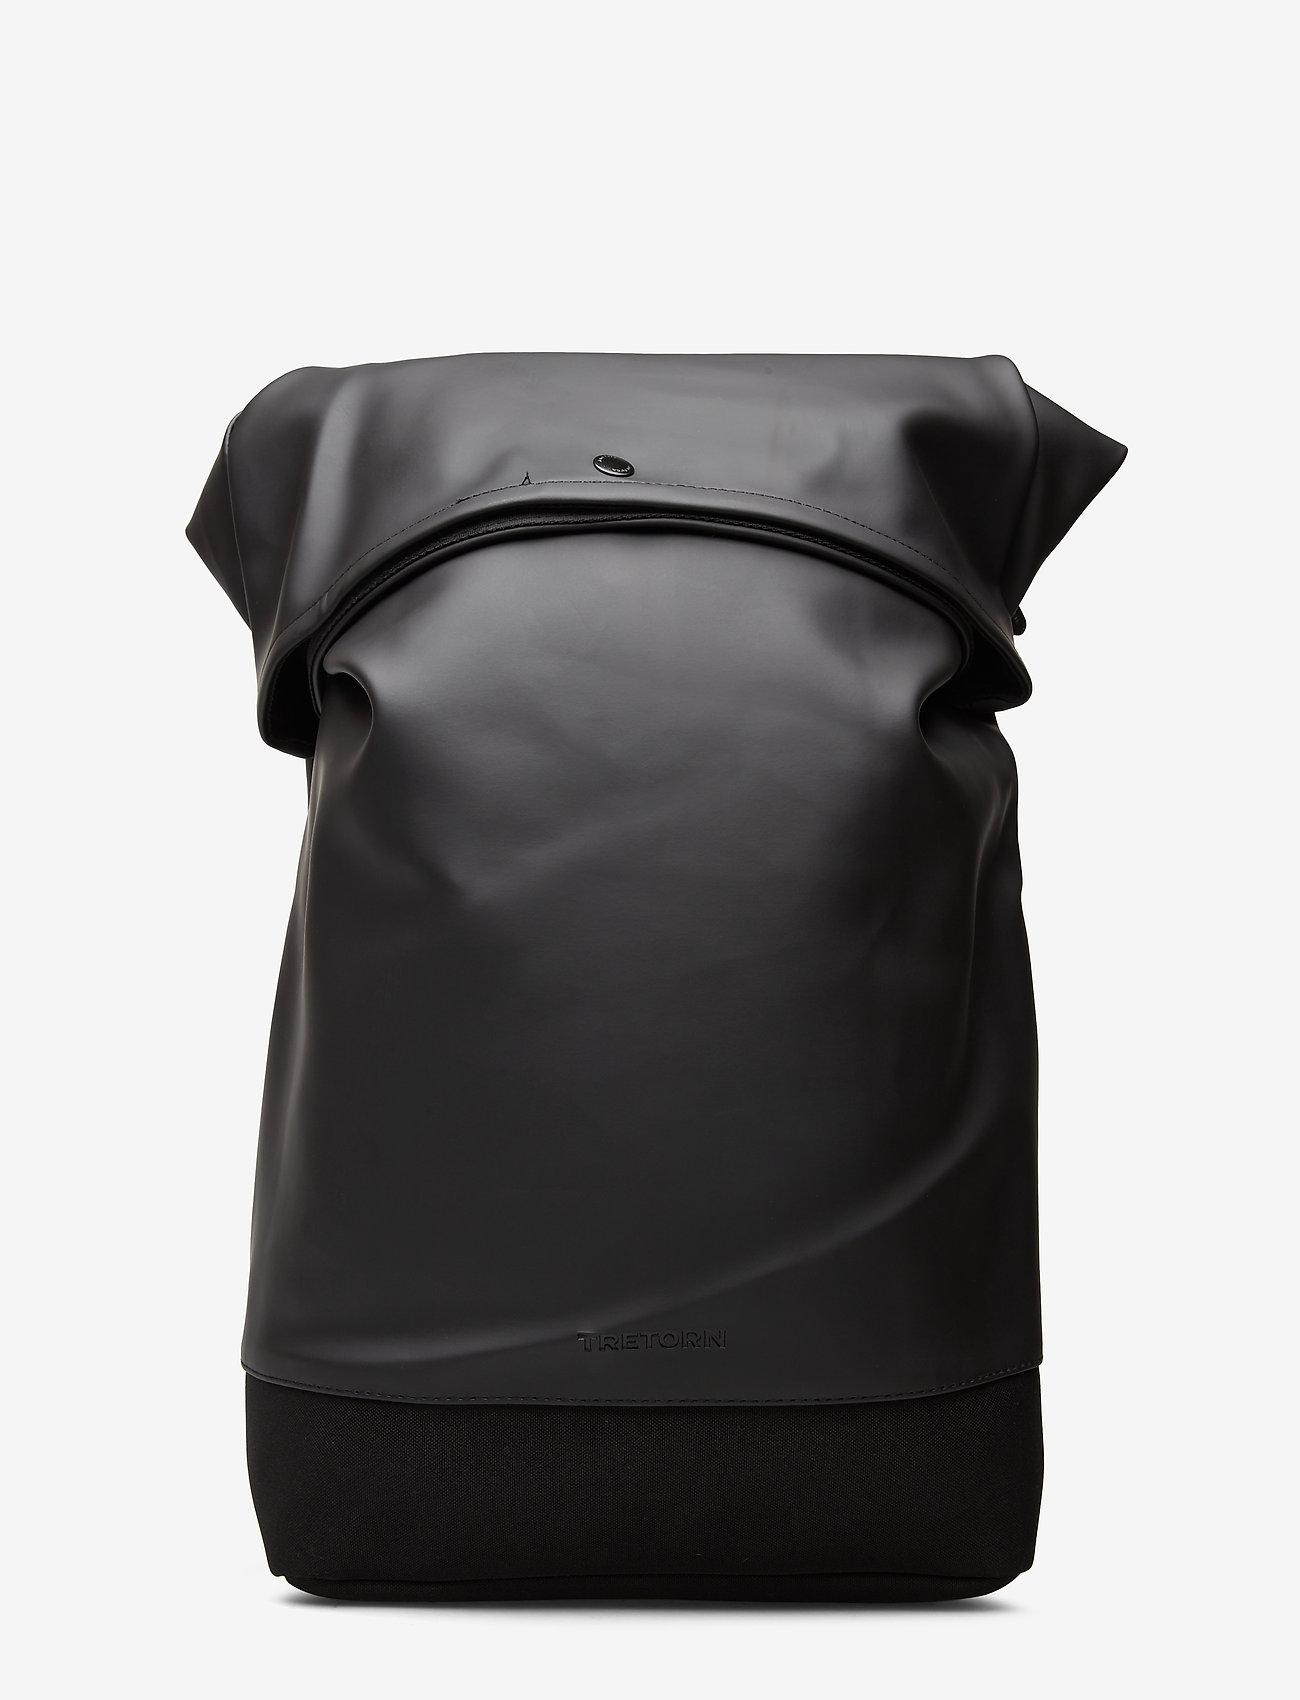 Tretorn - MALMO ROLLTOP - ryggsäckar - 010/black - 0